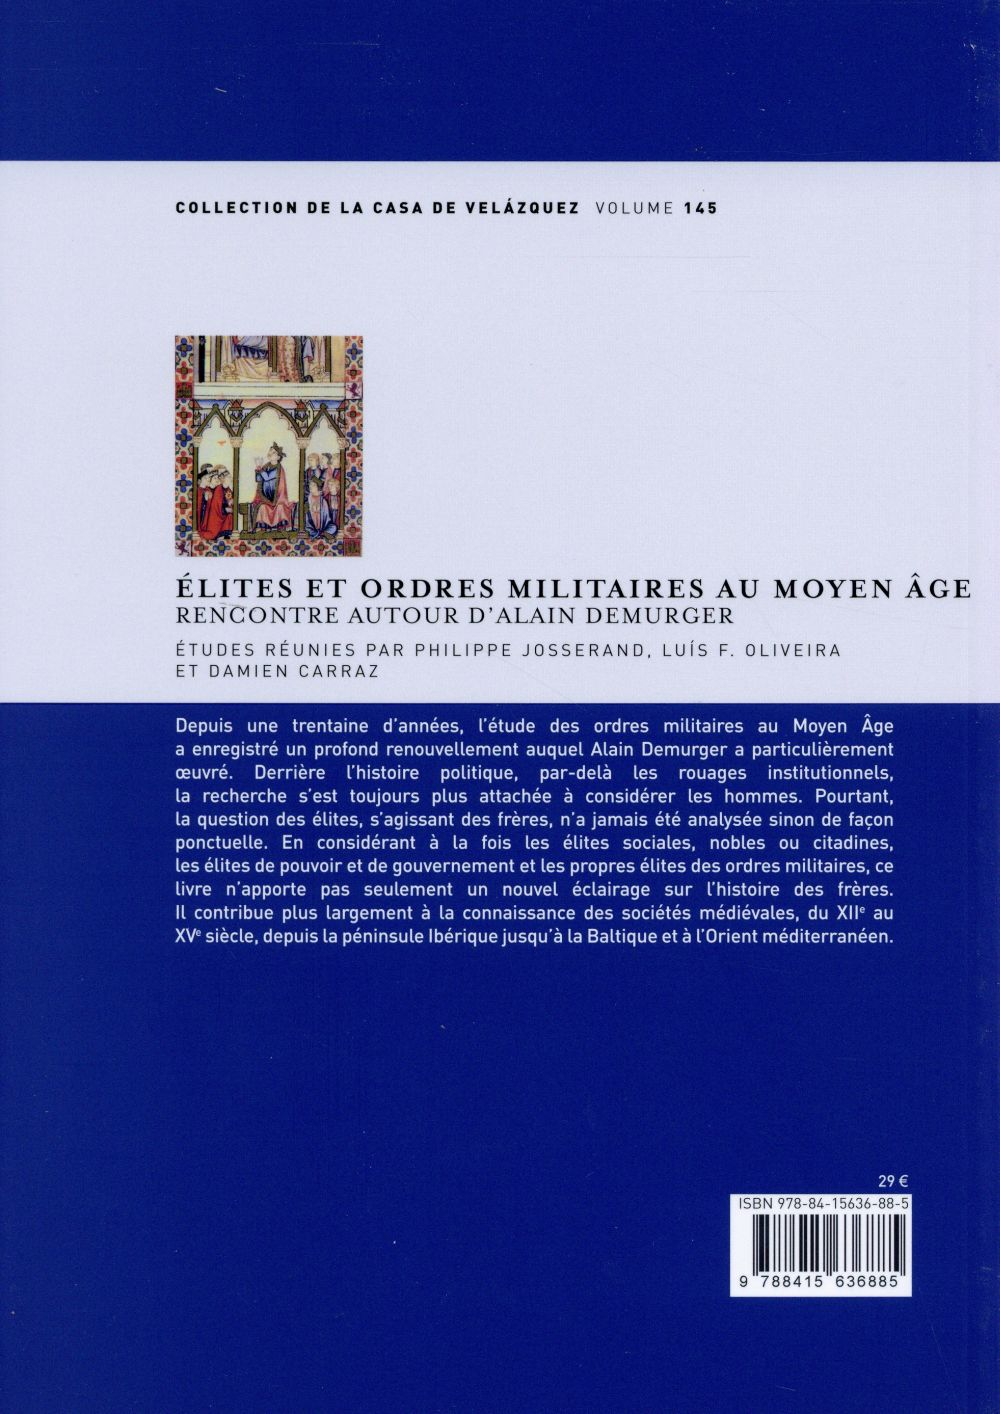 Elites et ordres militaires au moyen age